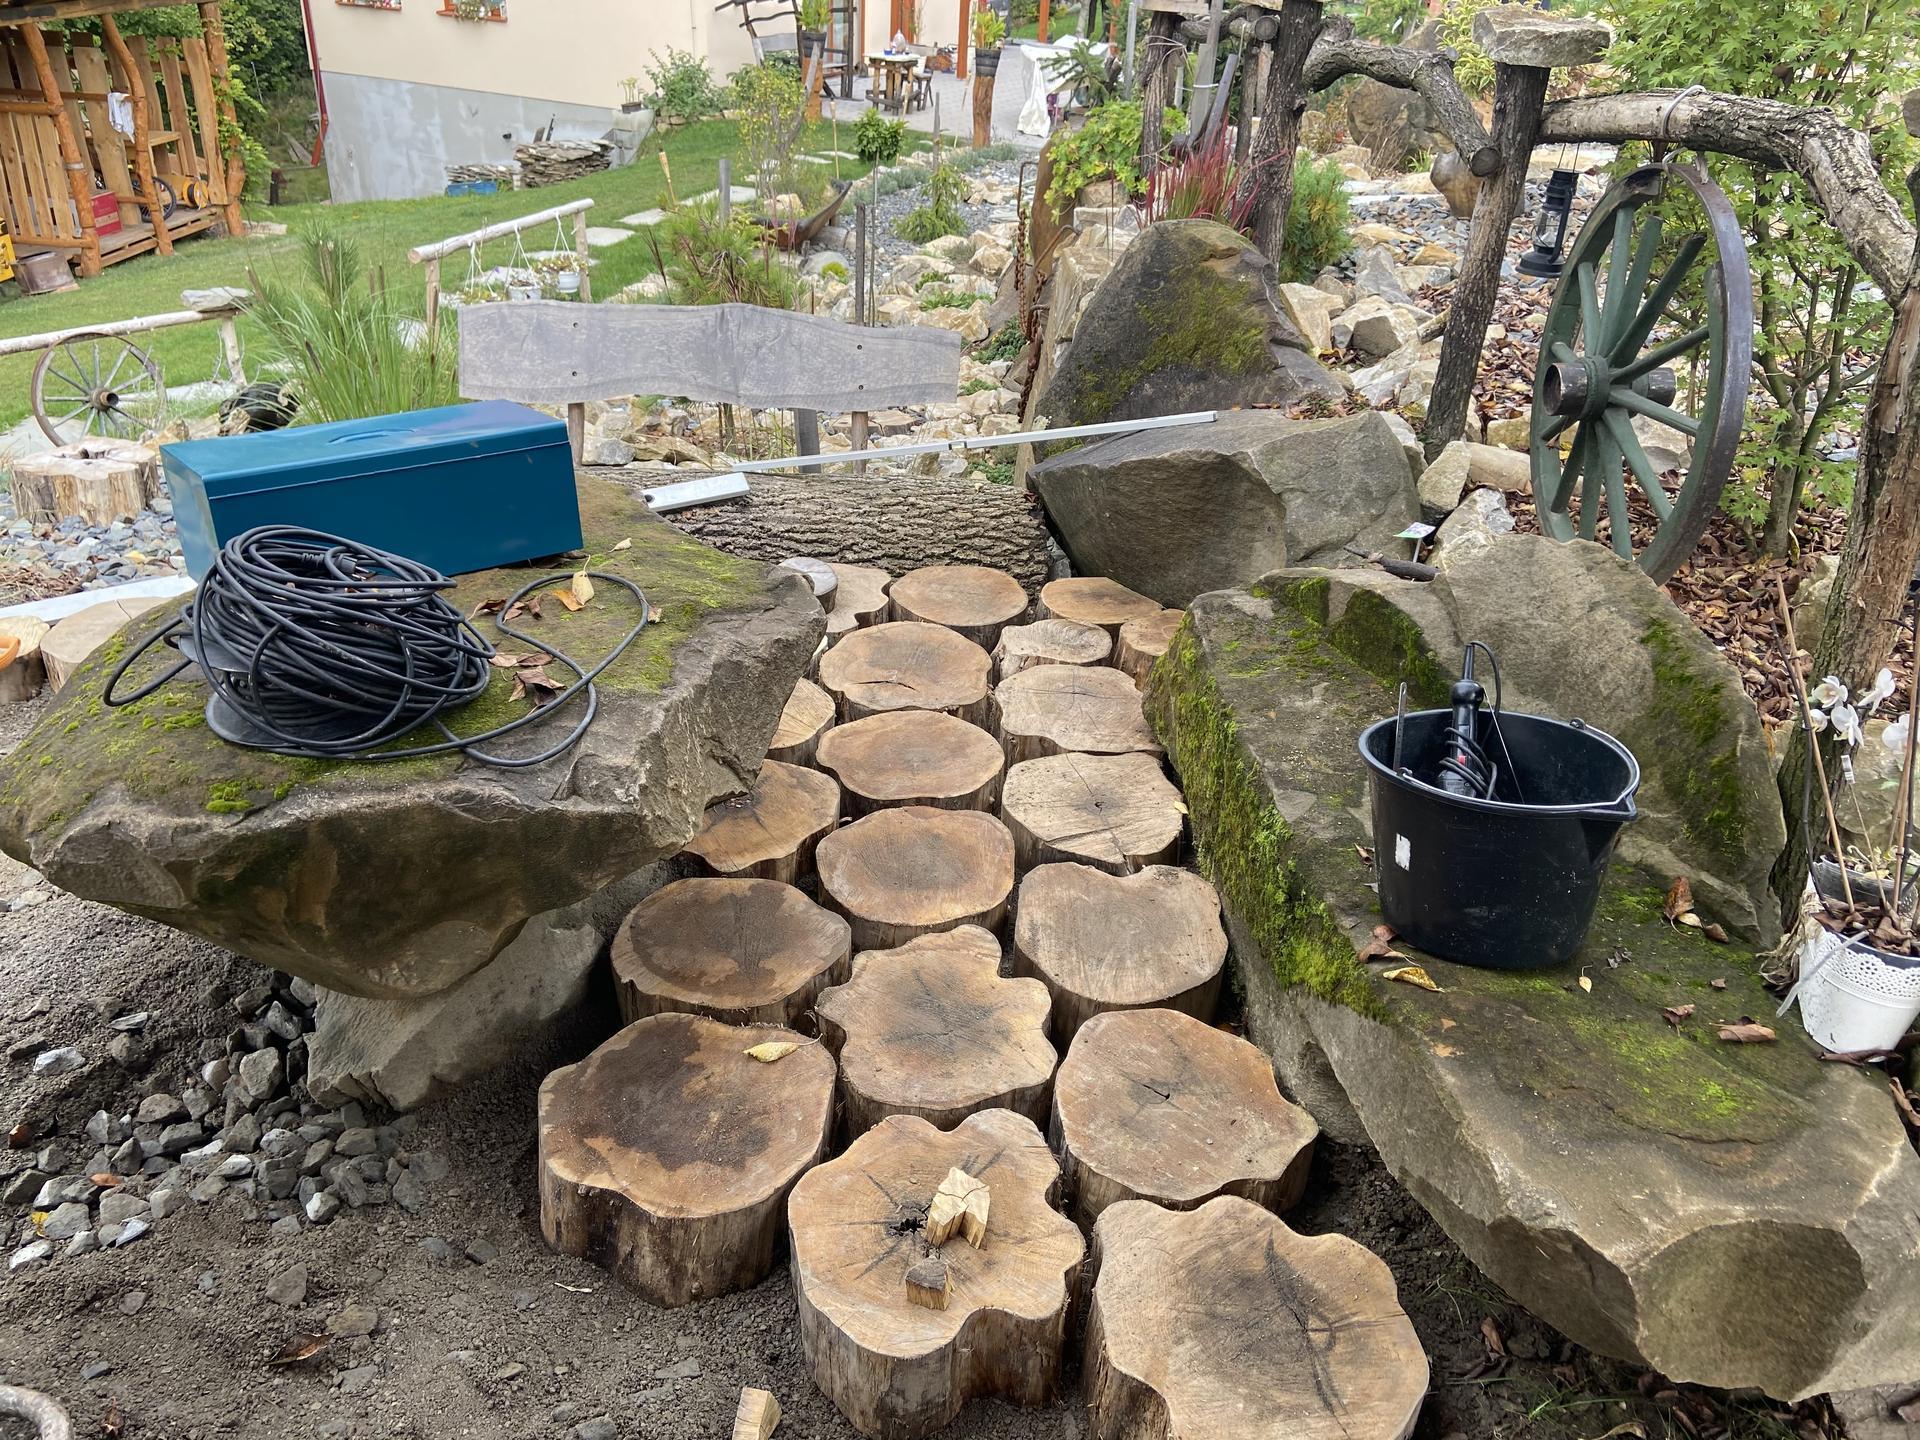 Ahoj Začínám ukládat dlažbu z akátu 😉 do štěrkové lóže. Výsledek na fotce 😁 - Obrázek č. 2